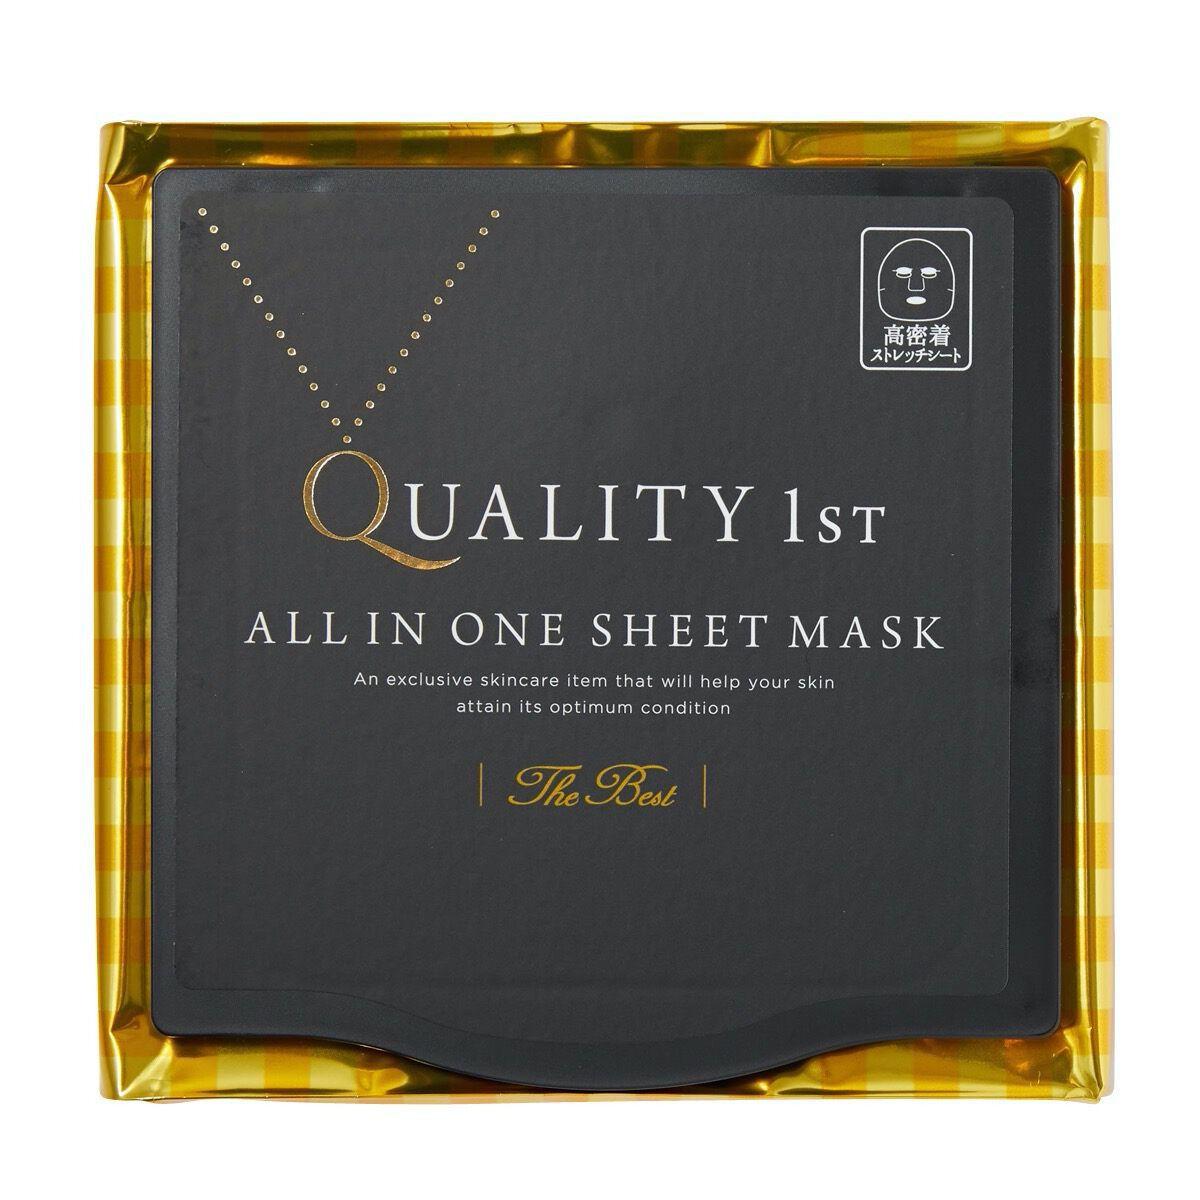 クオリティファースト QUALITY 1ST オールインワンシートマスク ザ・ベストEX 20枚入のバリエーション10